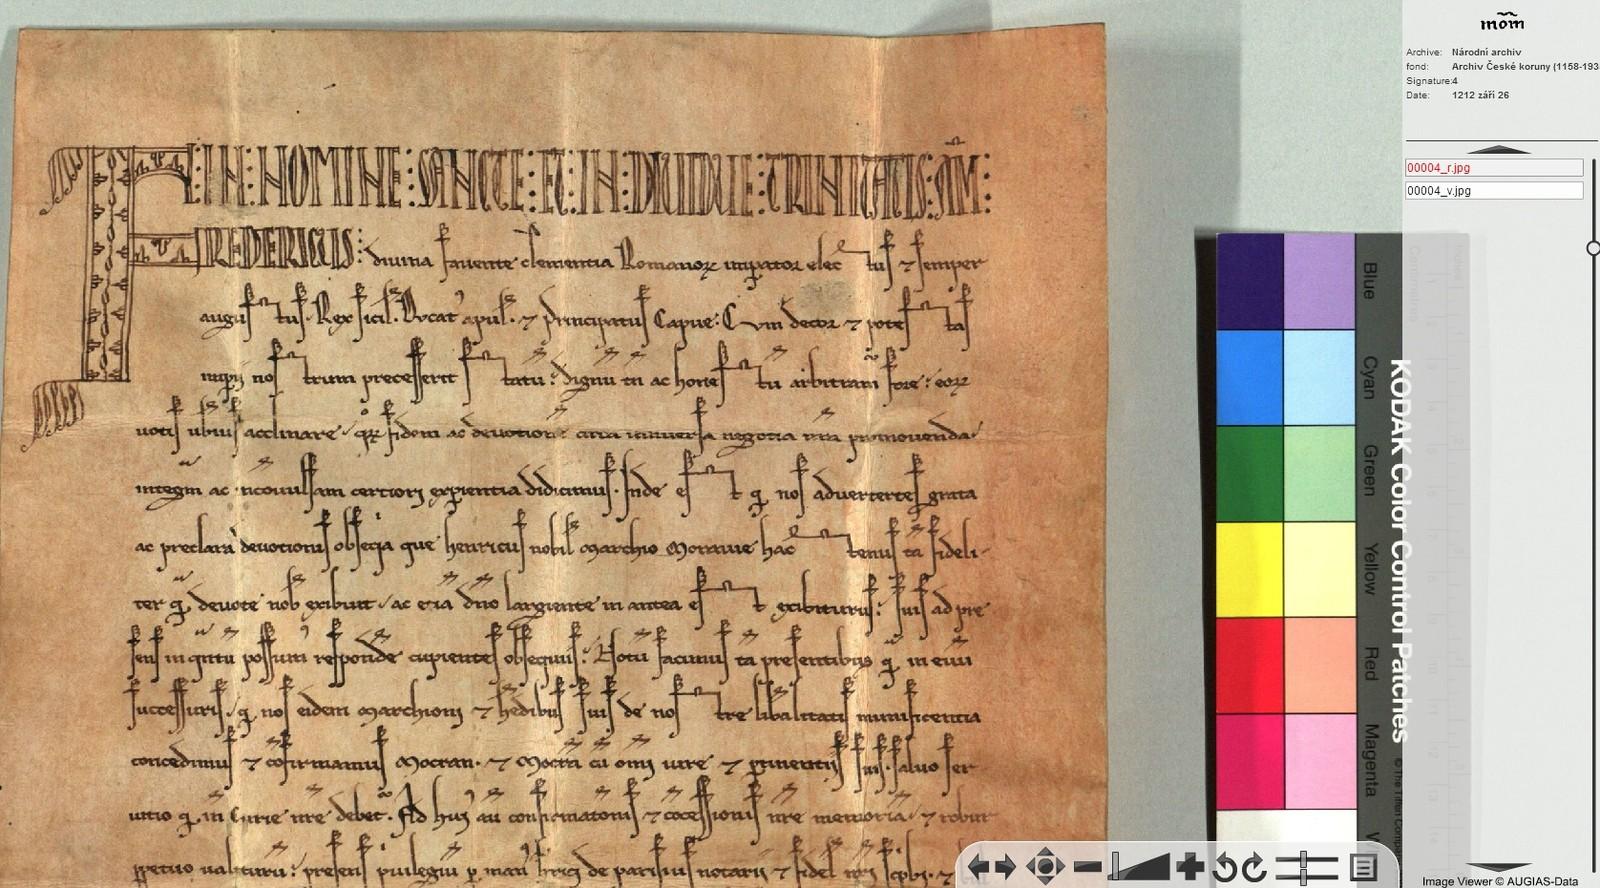 Zlatou bulu i jiné důležité dokumenty je možné studovat také on-line, vrámci projektu Monasterium